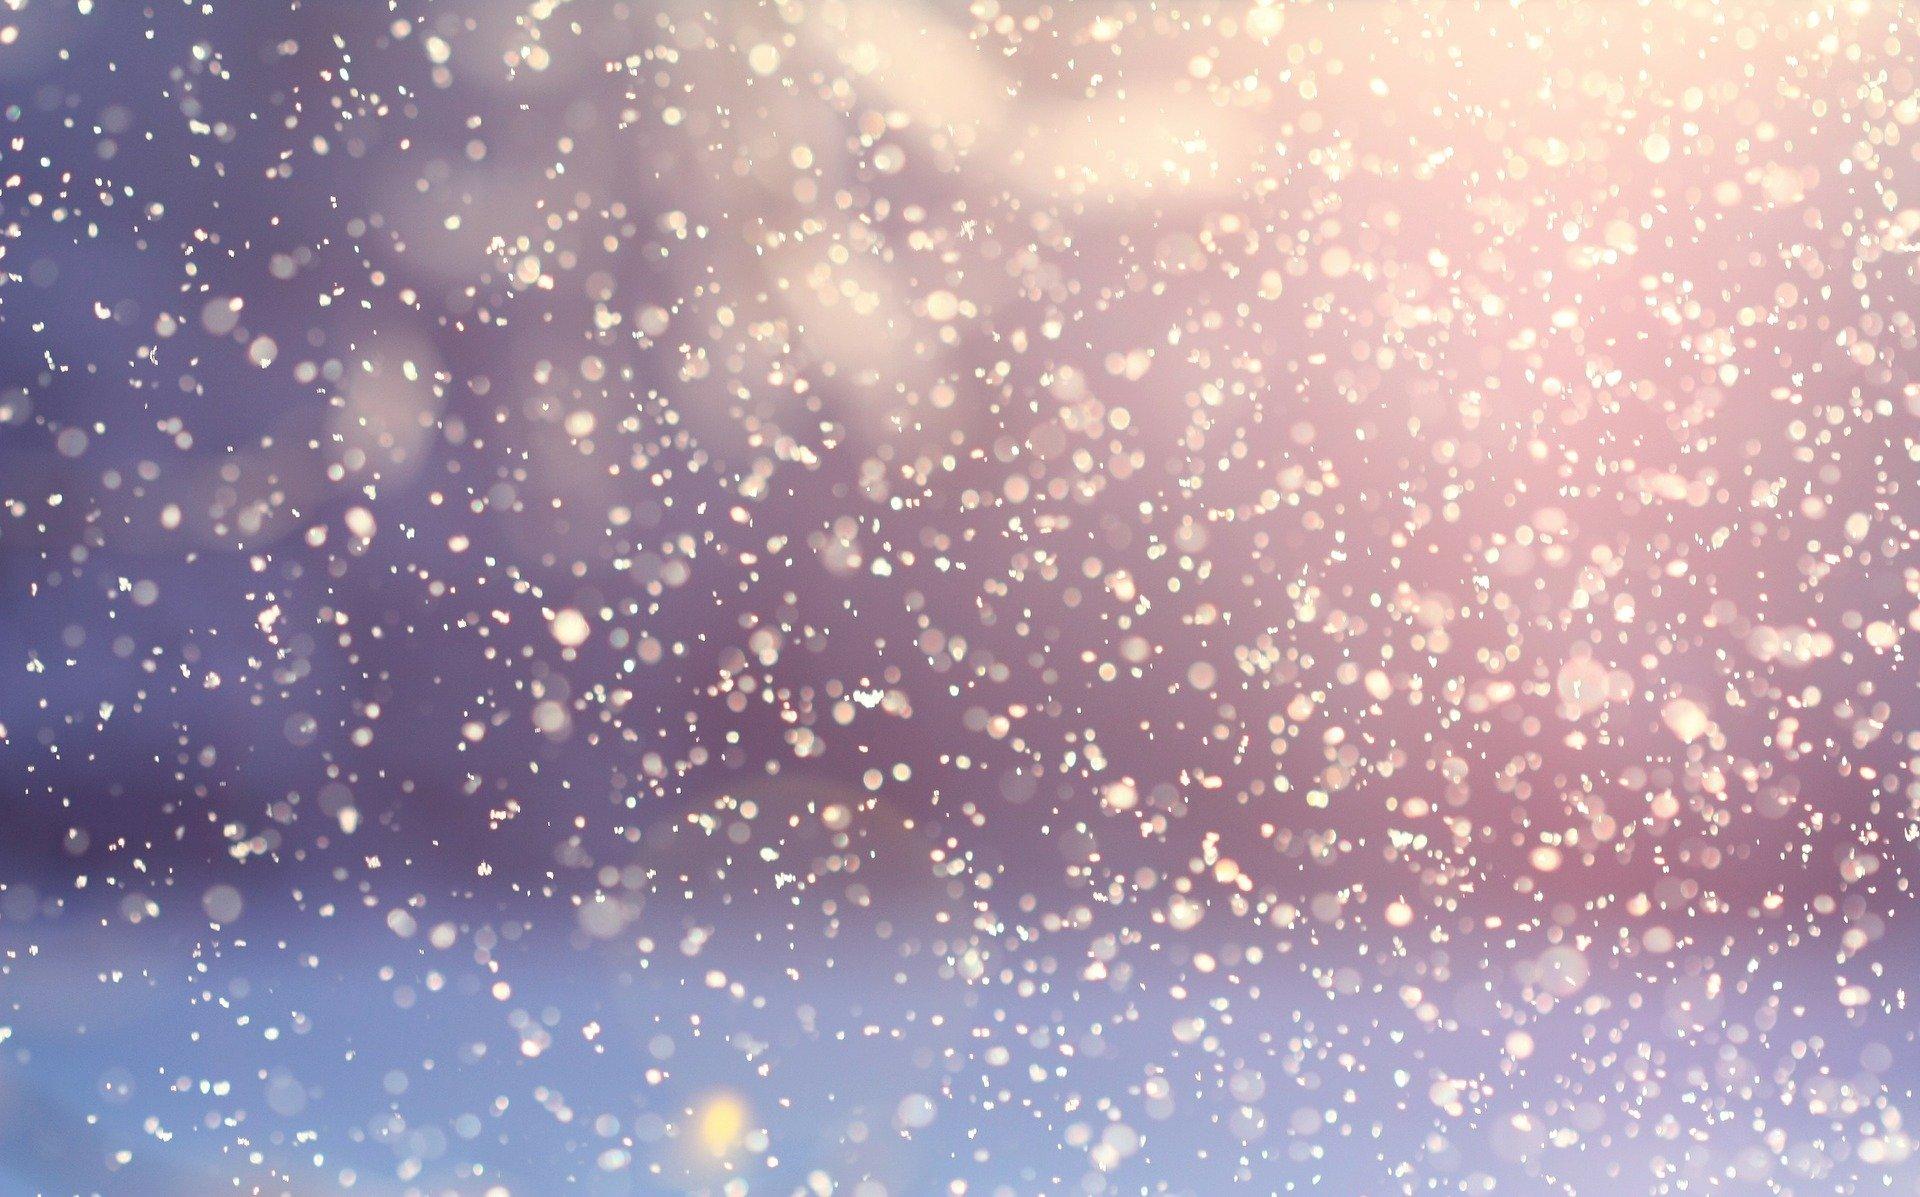 ZDANIE ODRĘBNE: Pada śnieg - Zdjęcie główne